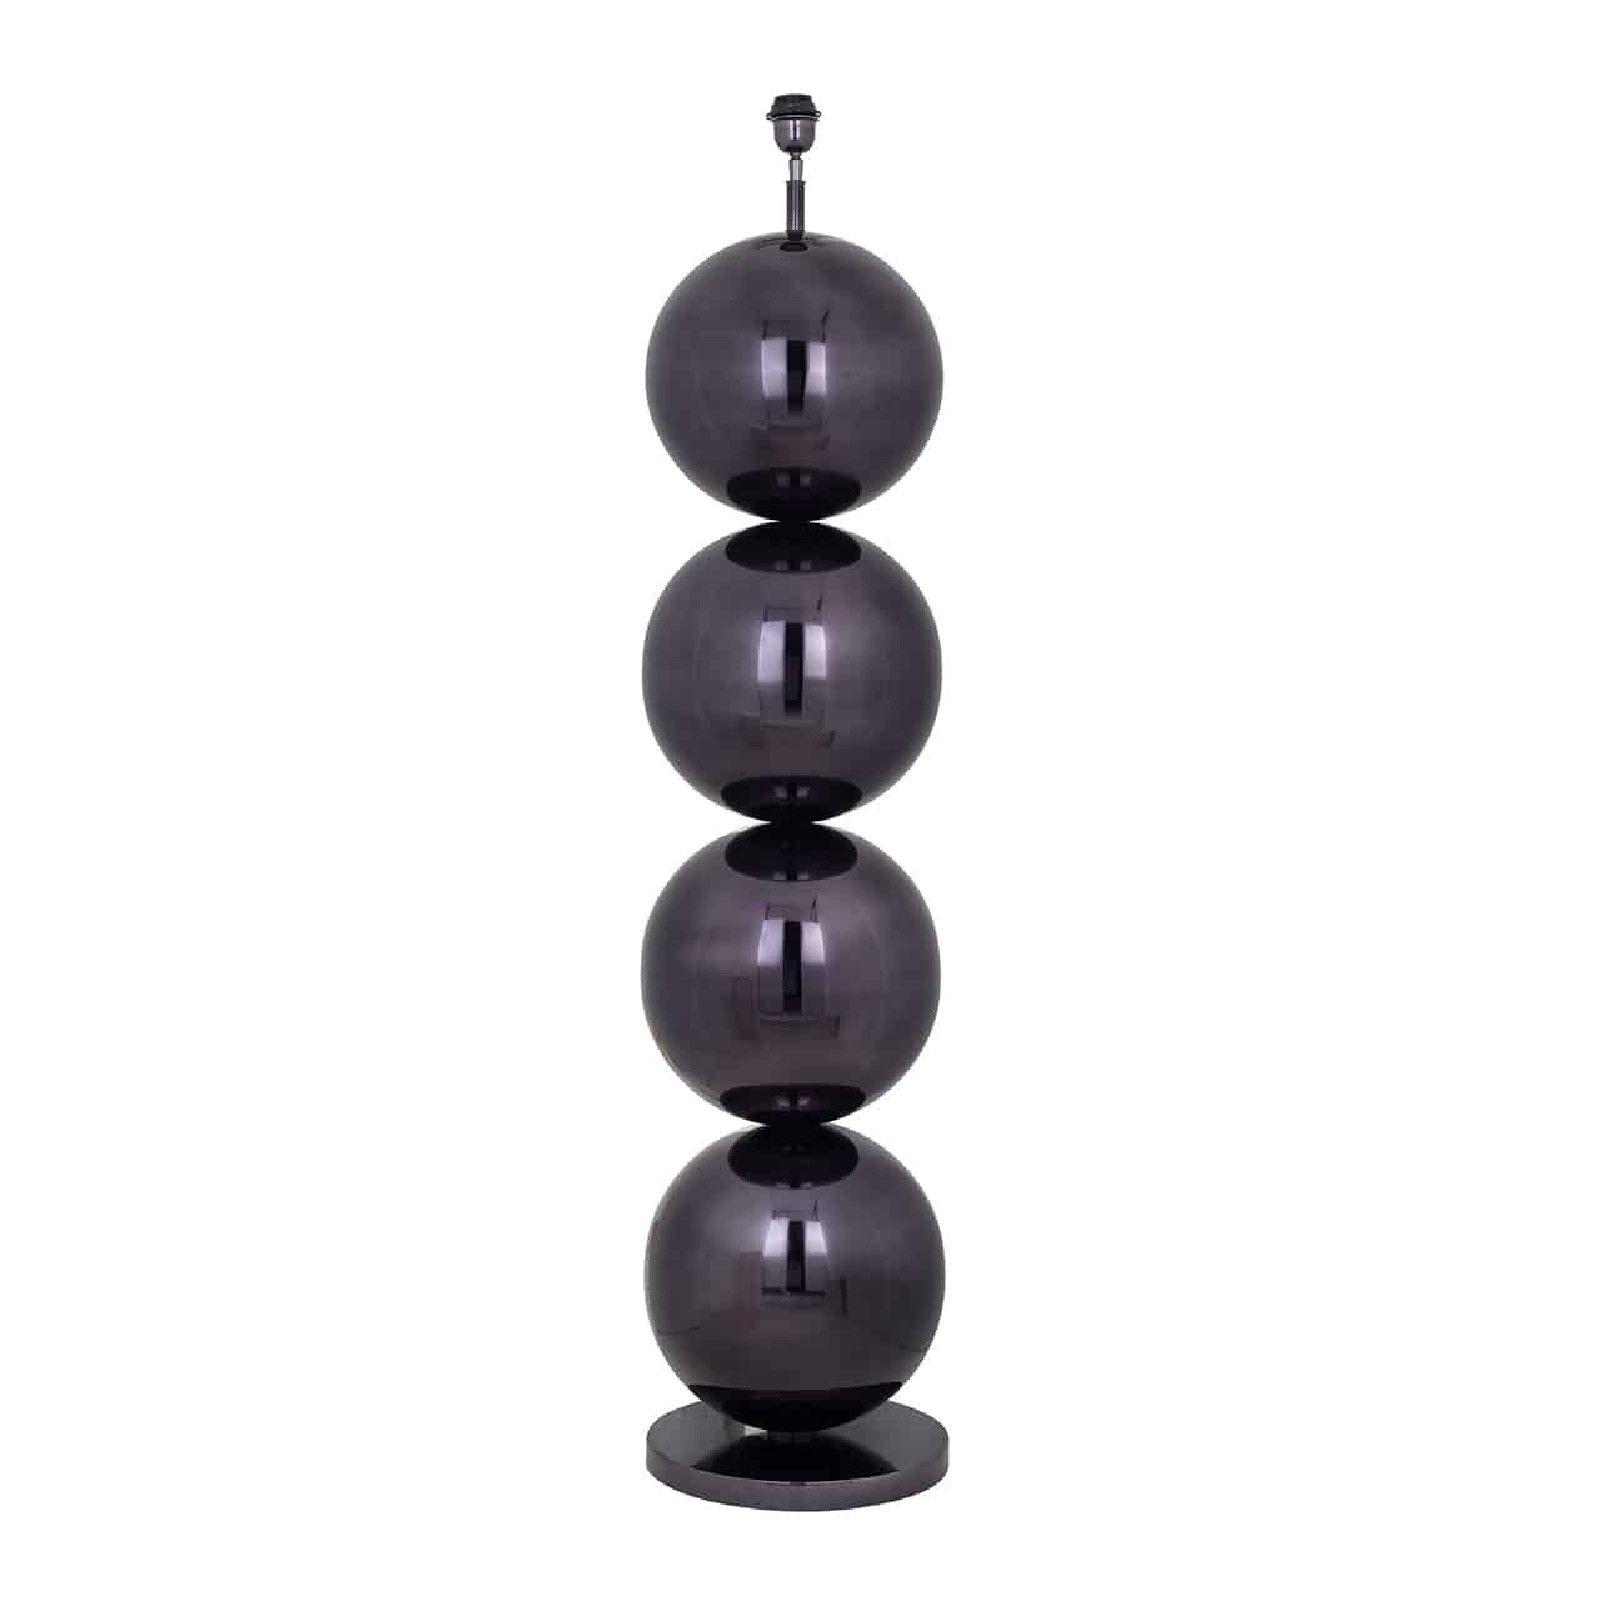 Lampdaire Adney black nickelE27 / 60 watt Lampadaires - 42